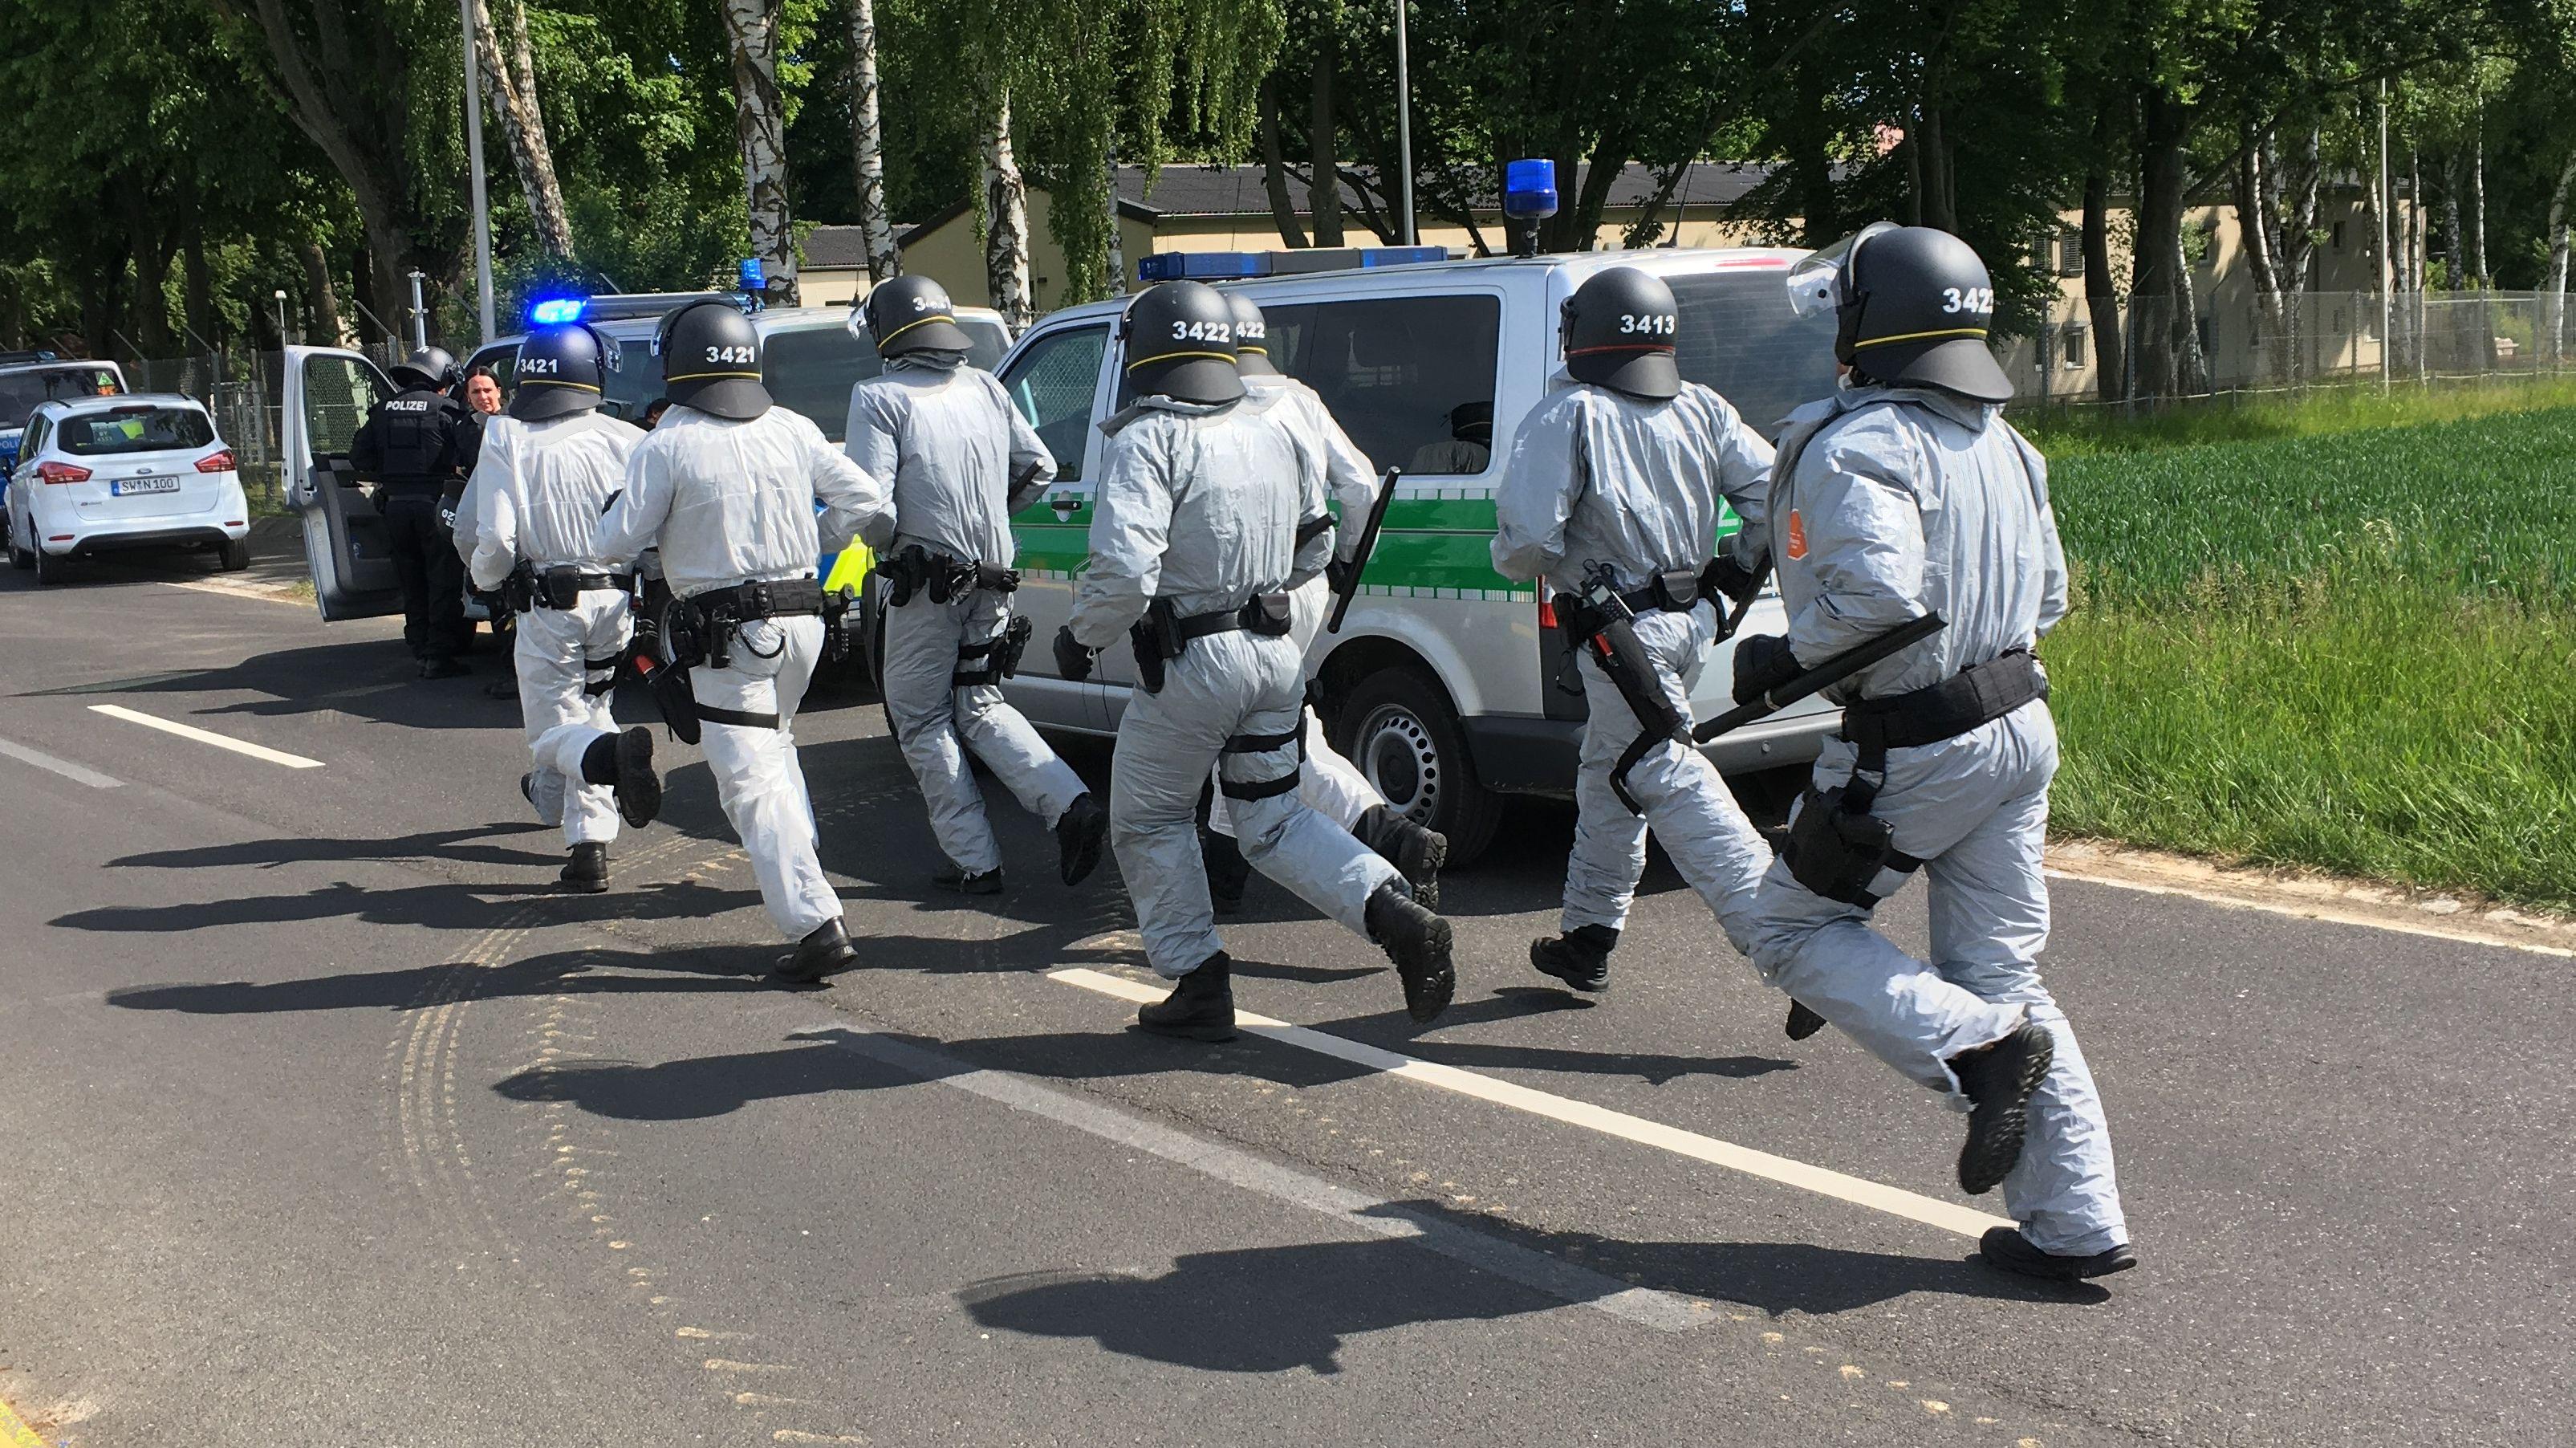 Großeinsatz der Polizei im Ankerzentrum Geldersheim am 18.05.2020